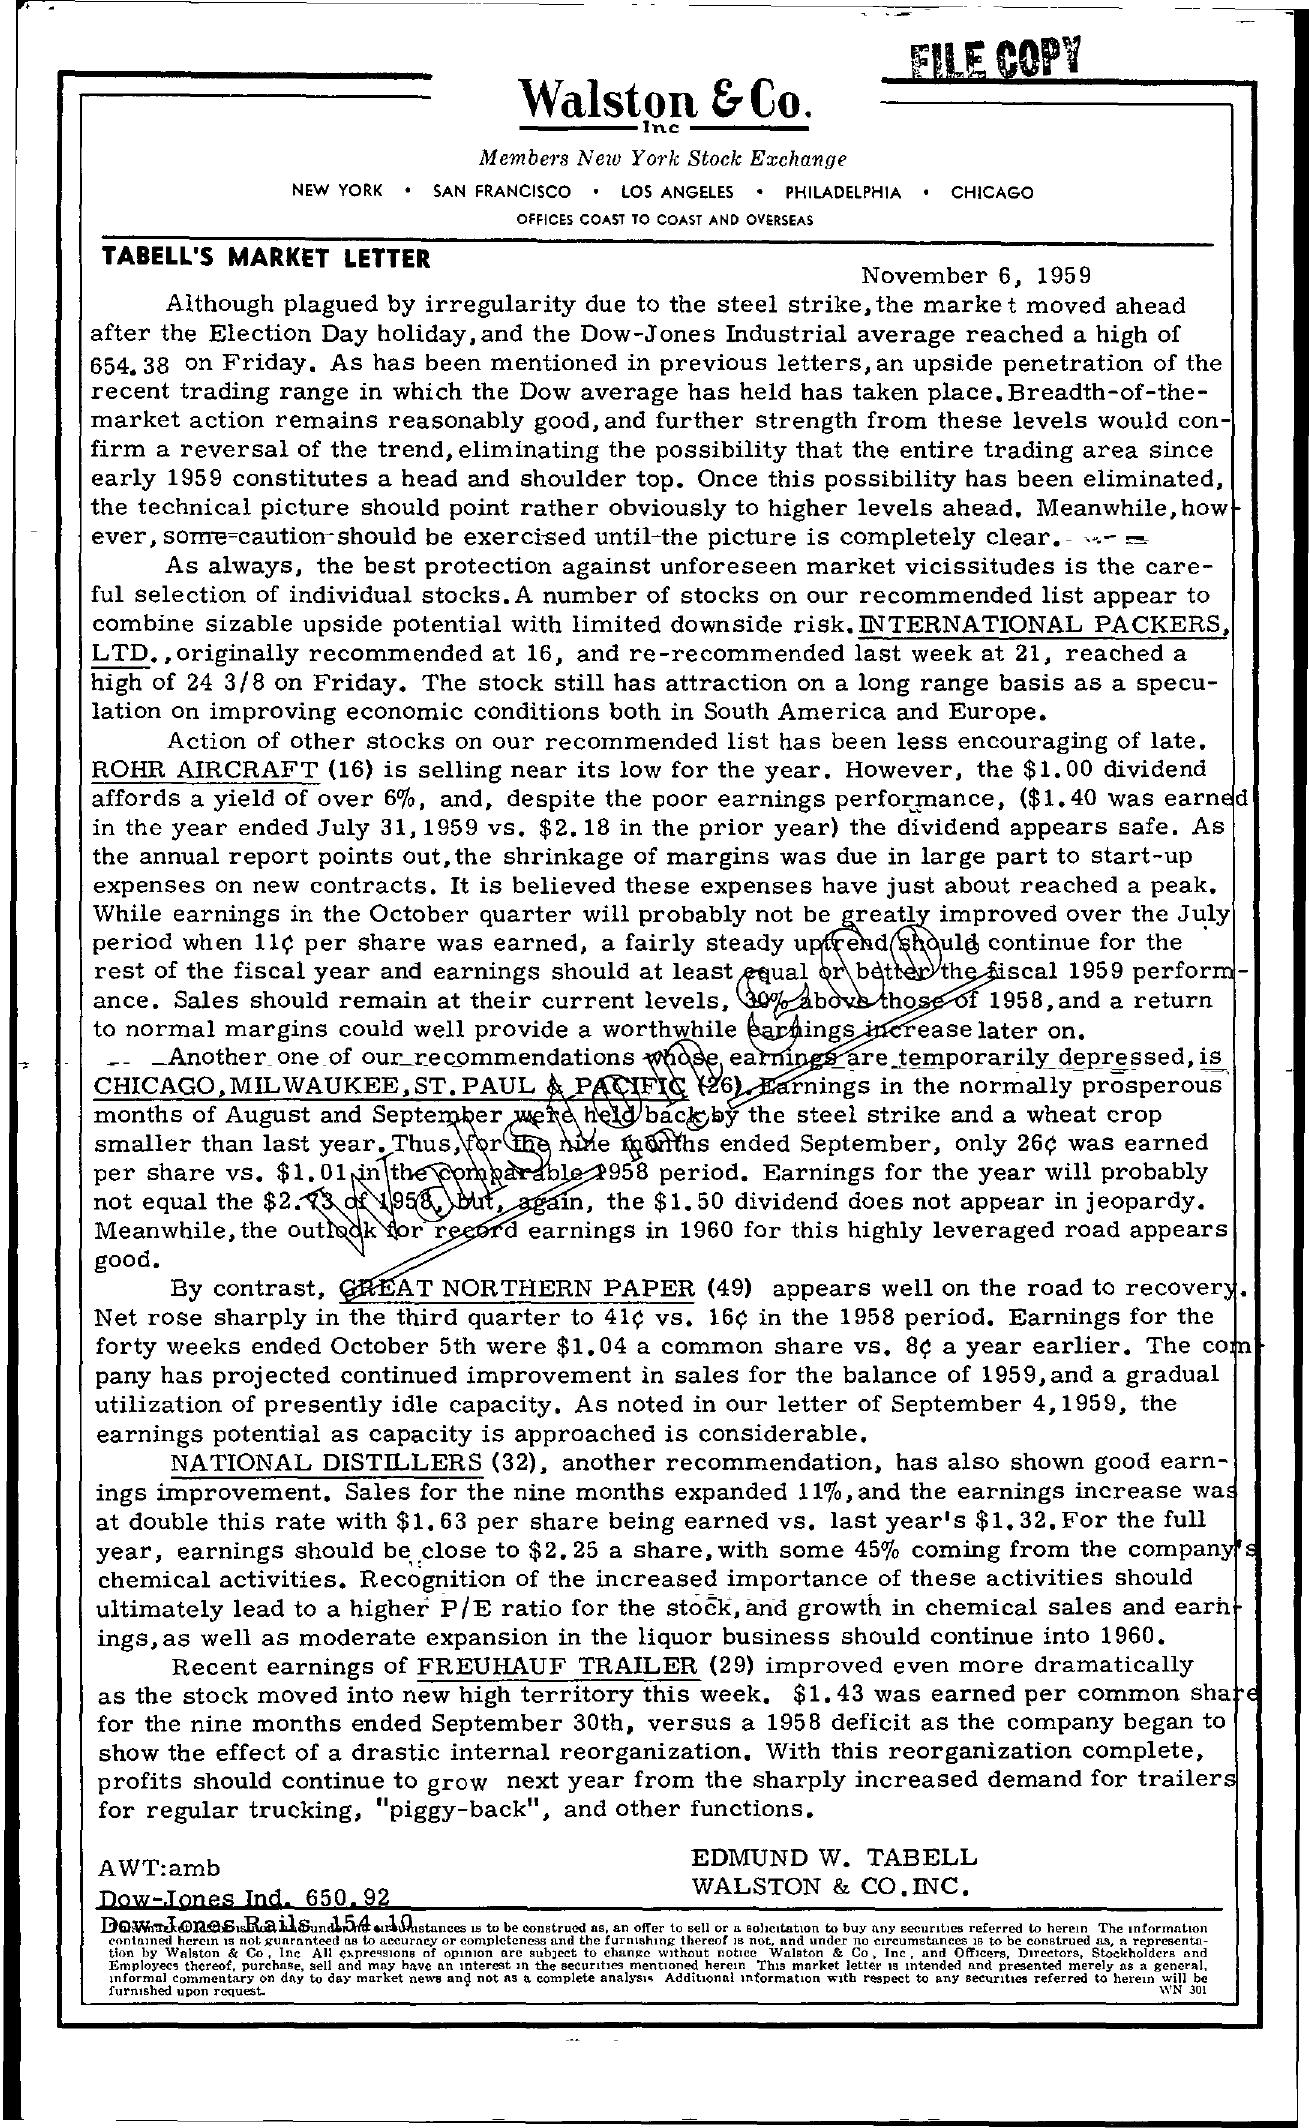 Tabell's Market Letter - November 06, 1959